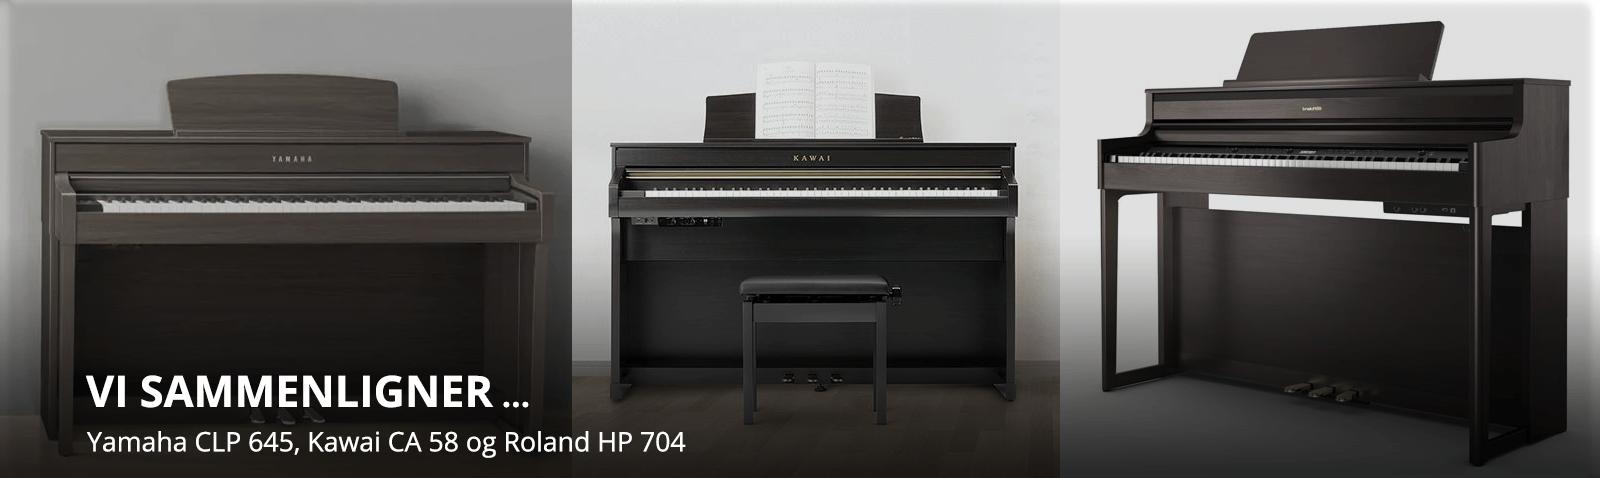 Sammenligning af CA 58, CLP 645 og HP 704